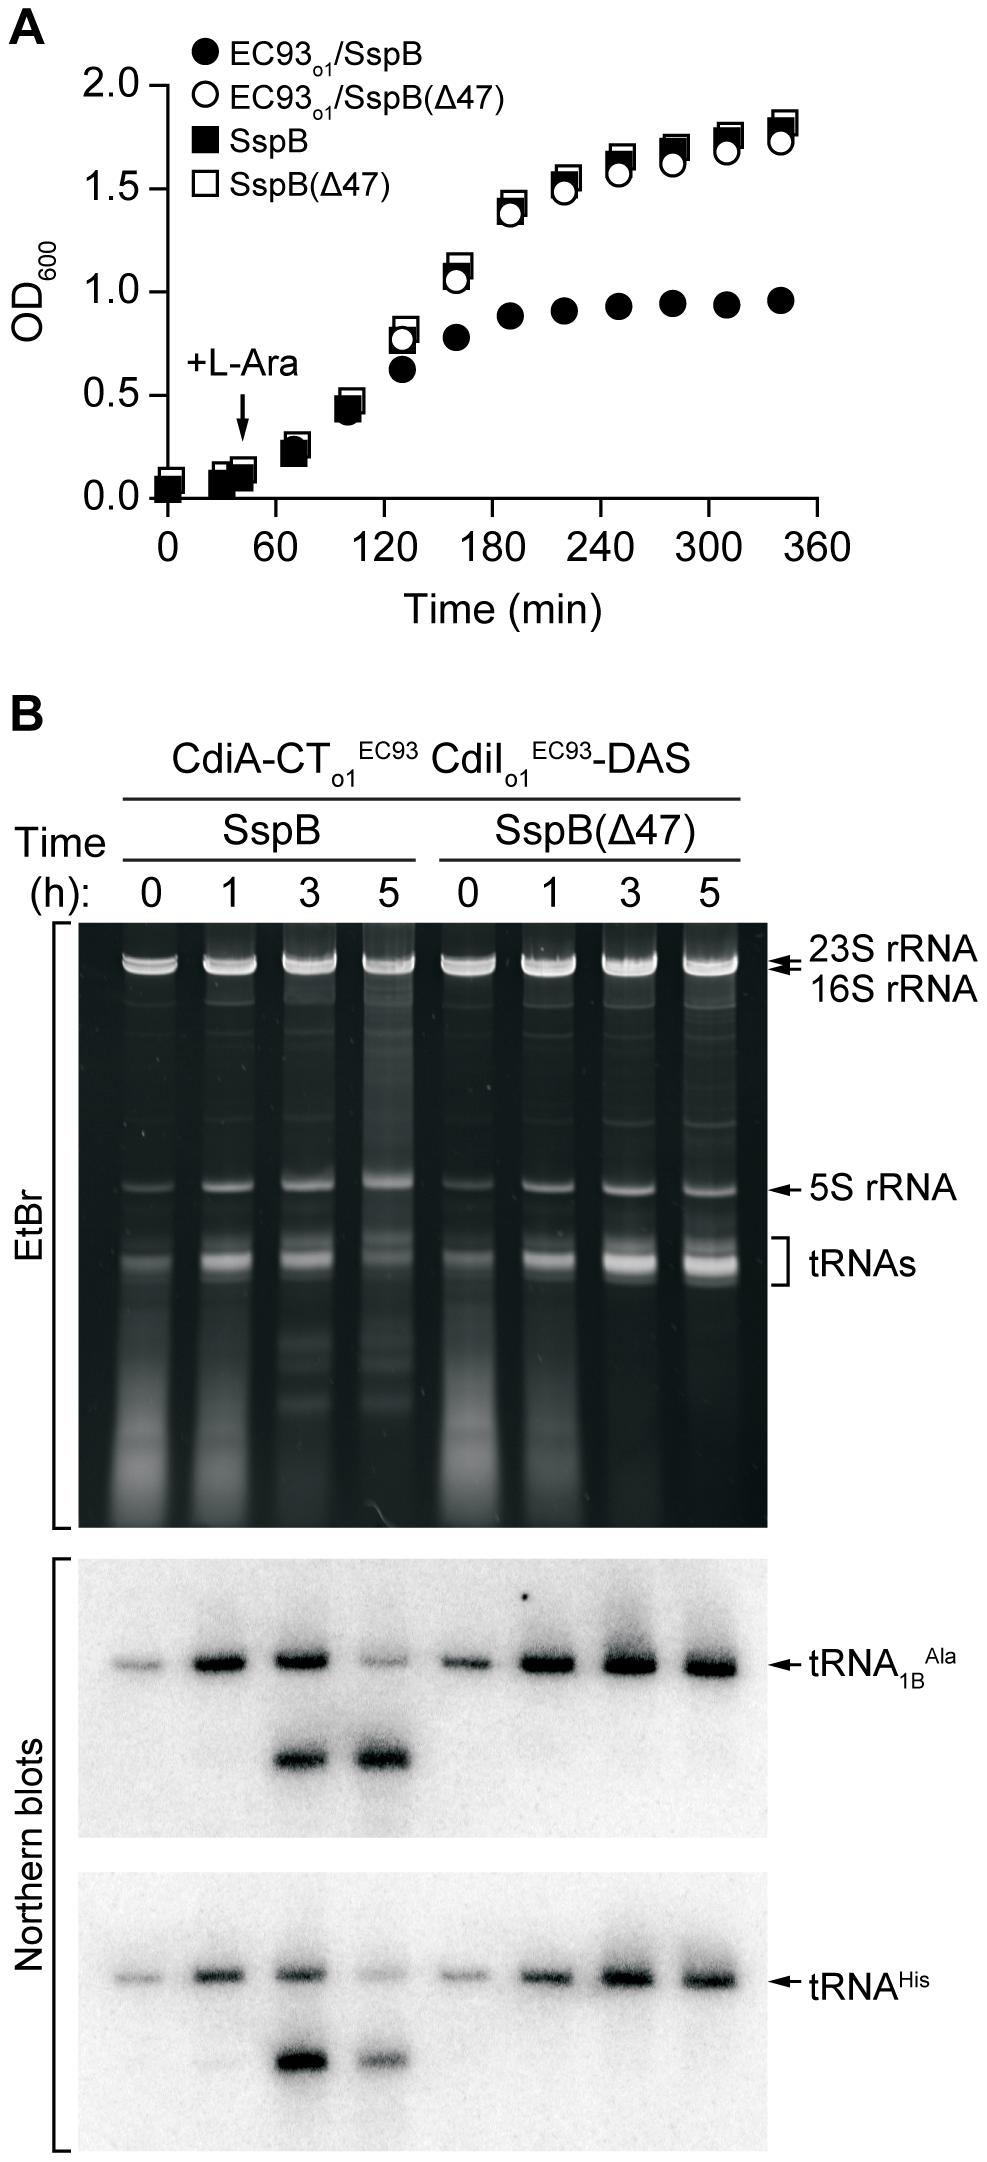 CdiA-CT<sub>o1</sub><sup>EC93</sup> inhibits the growth of <i>E. coli</i> cells.